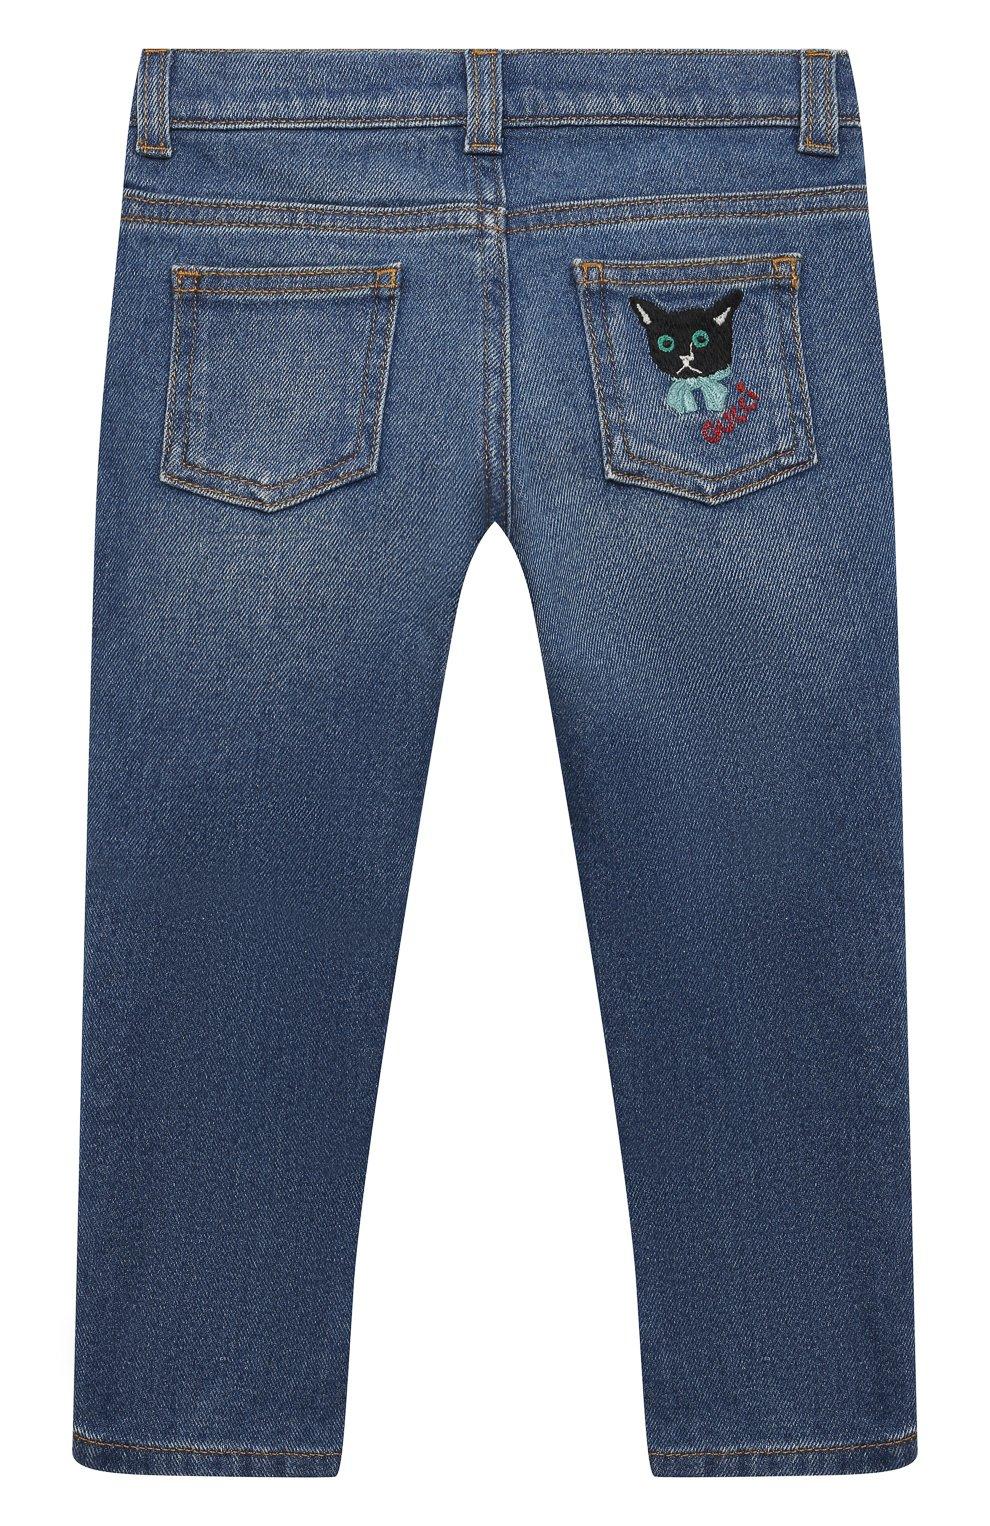 Детские джинсы GUCCI темно-синего цвета, арт. 657868/XDBP0 | Фото 2 (Материал внешний: Хлопок; Ростовка одежда: 12 мес | 80 см, 18 мес | 86 см, 24 мес | 92 см, 36 мес | 98 см)